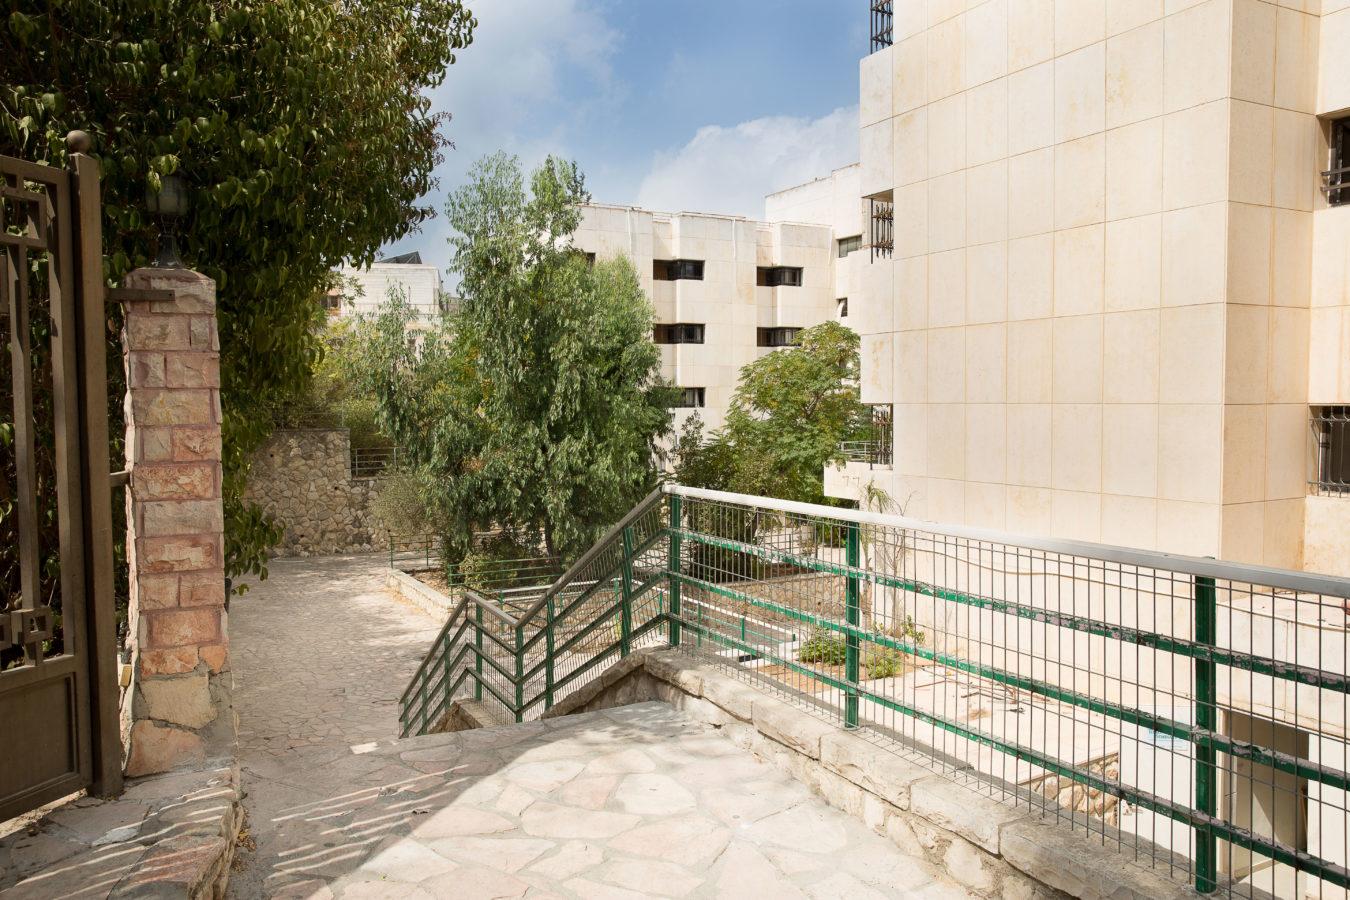 campus-ravmoshe092216-126-2